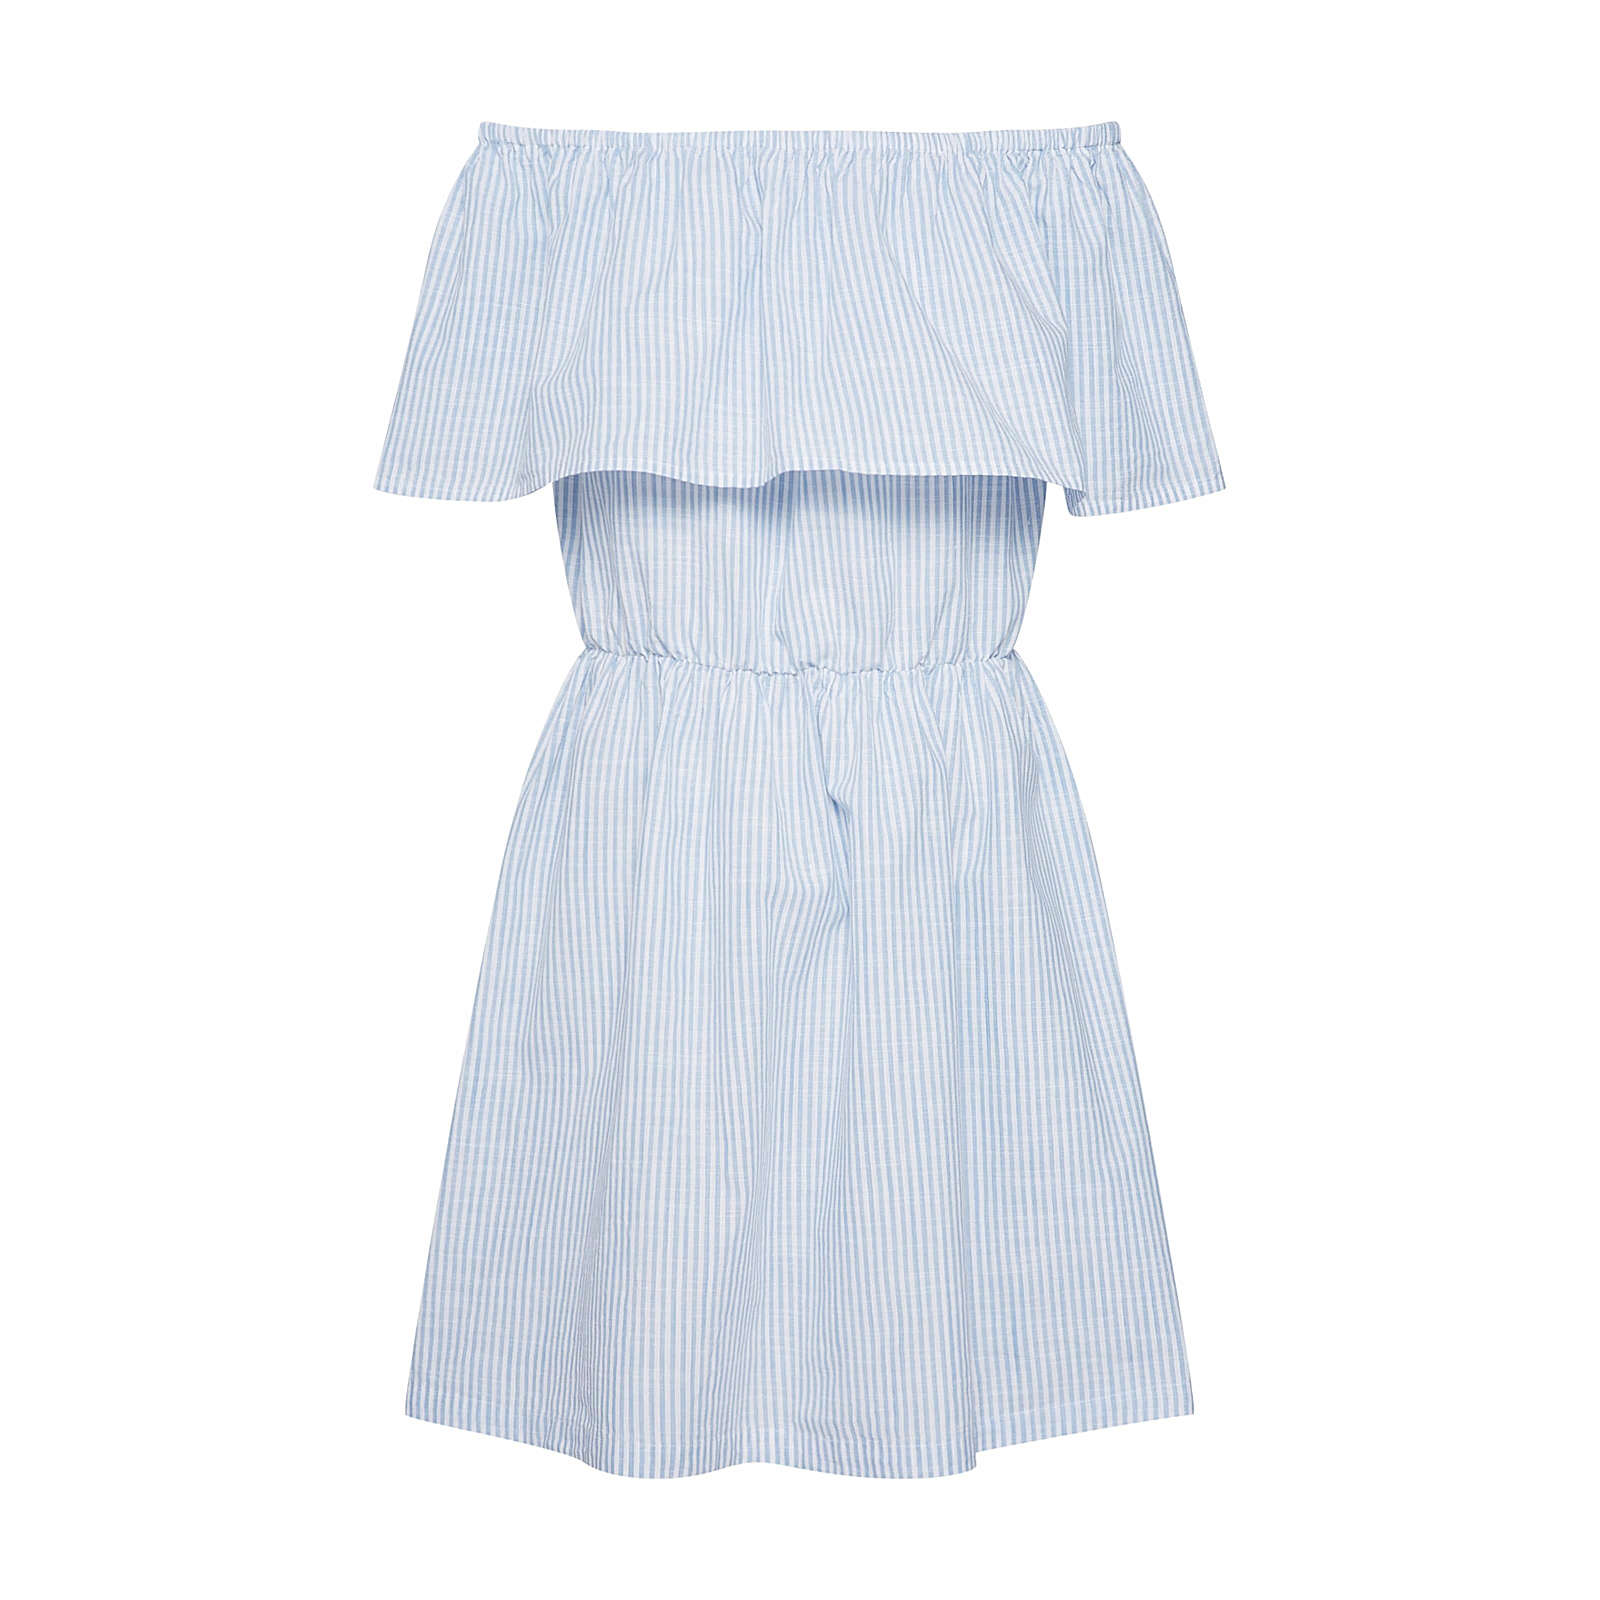 ICHI Sommerkleid Sommerkleider weiß Damen Gr. 40